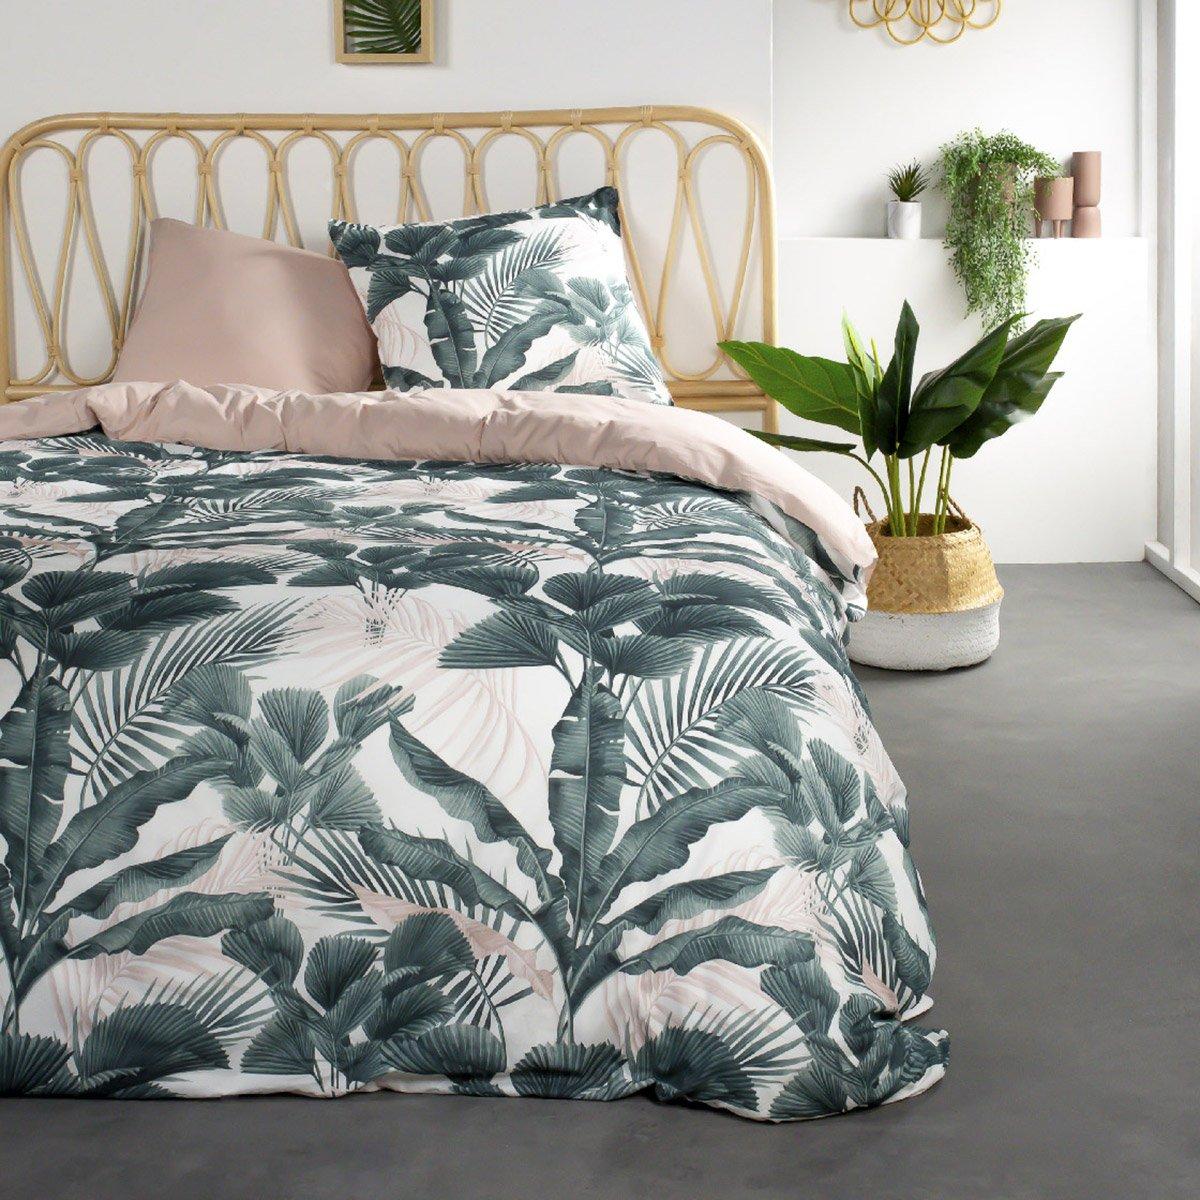 Parure de lit 2 personnes imprimé jungle en Coton Vert 240x260 cm